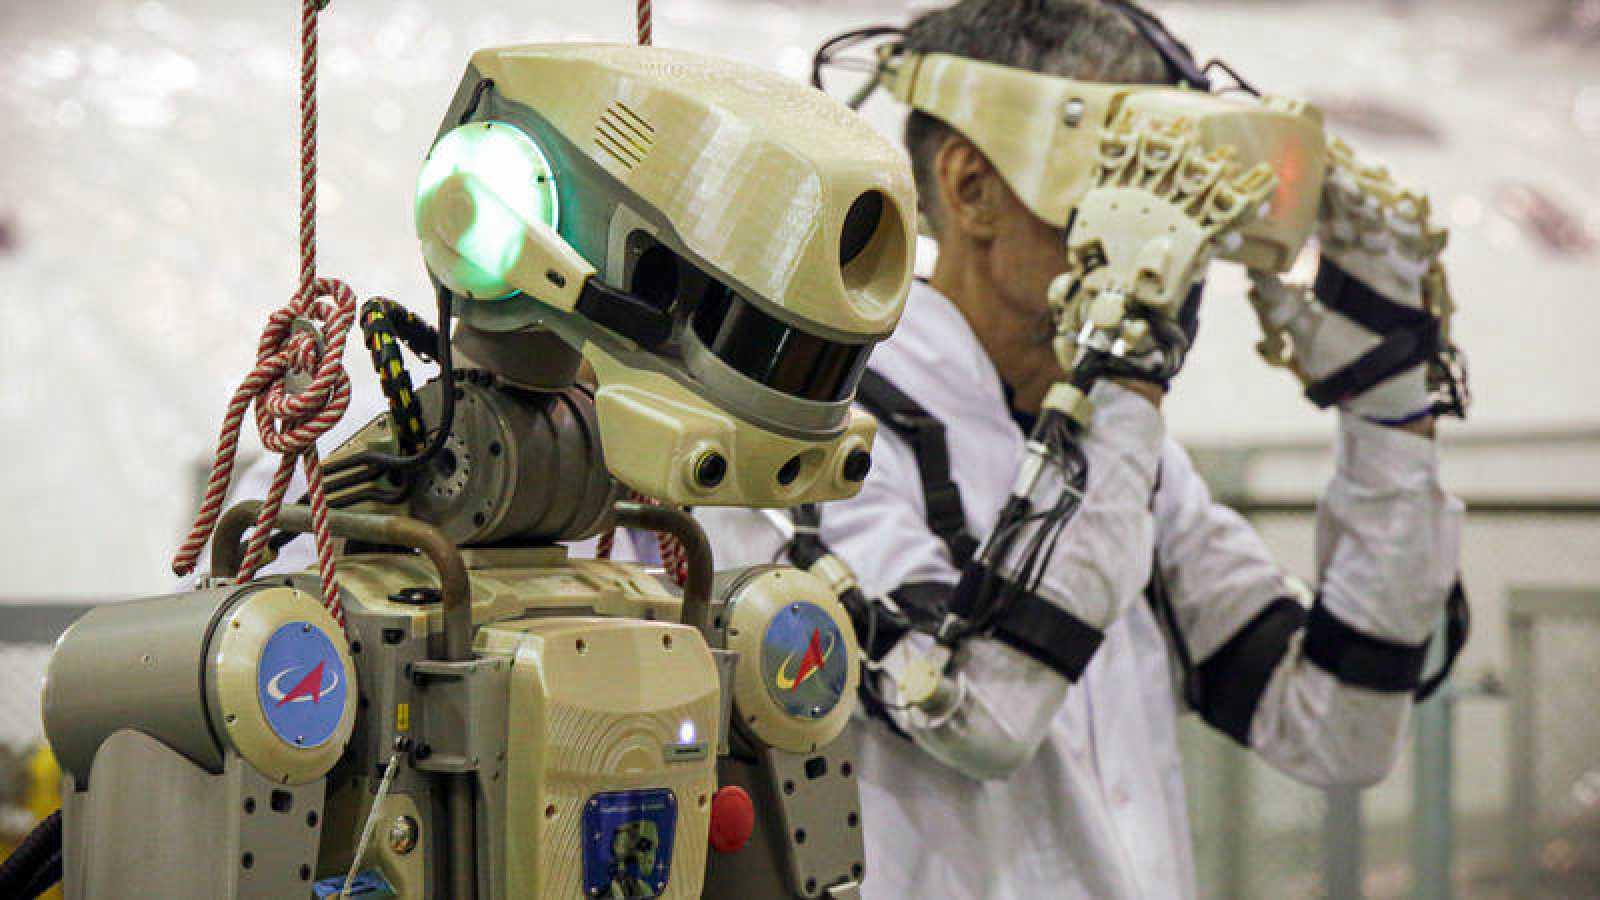 La nave rusa Soyuz pone rumbo a la Estación Espacial Internacional con un androide a bordo